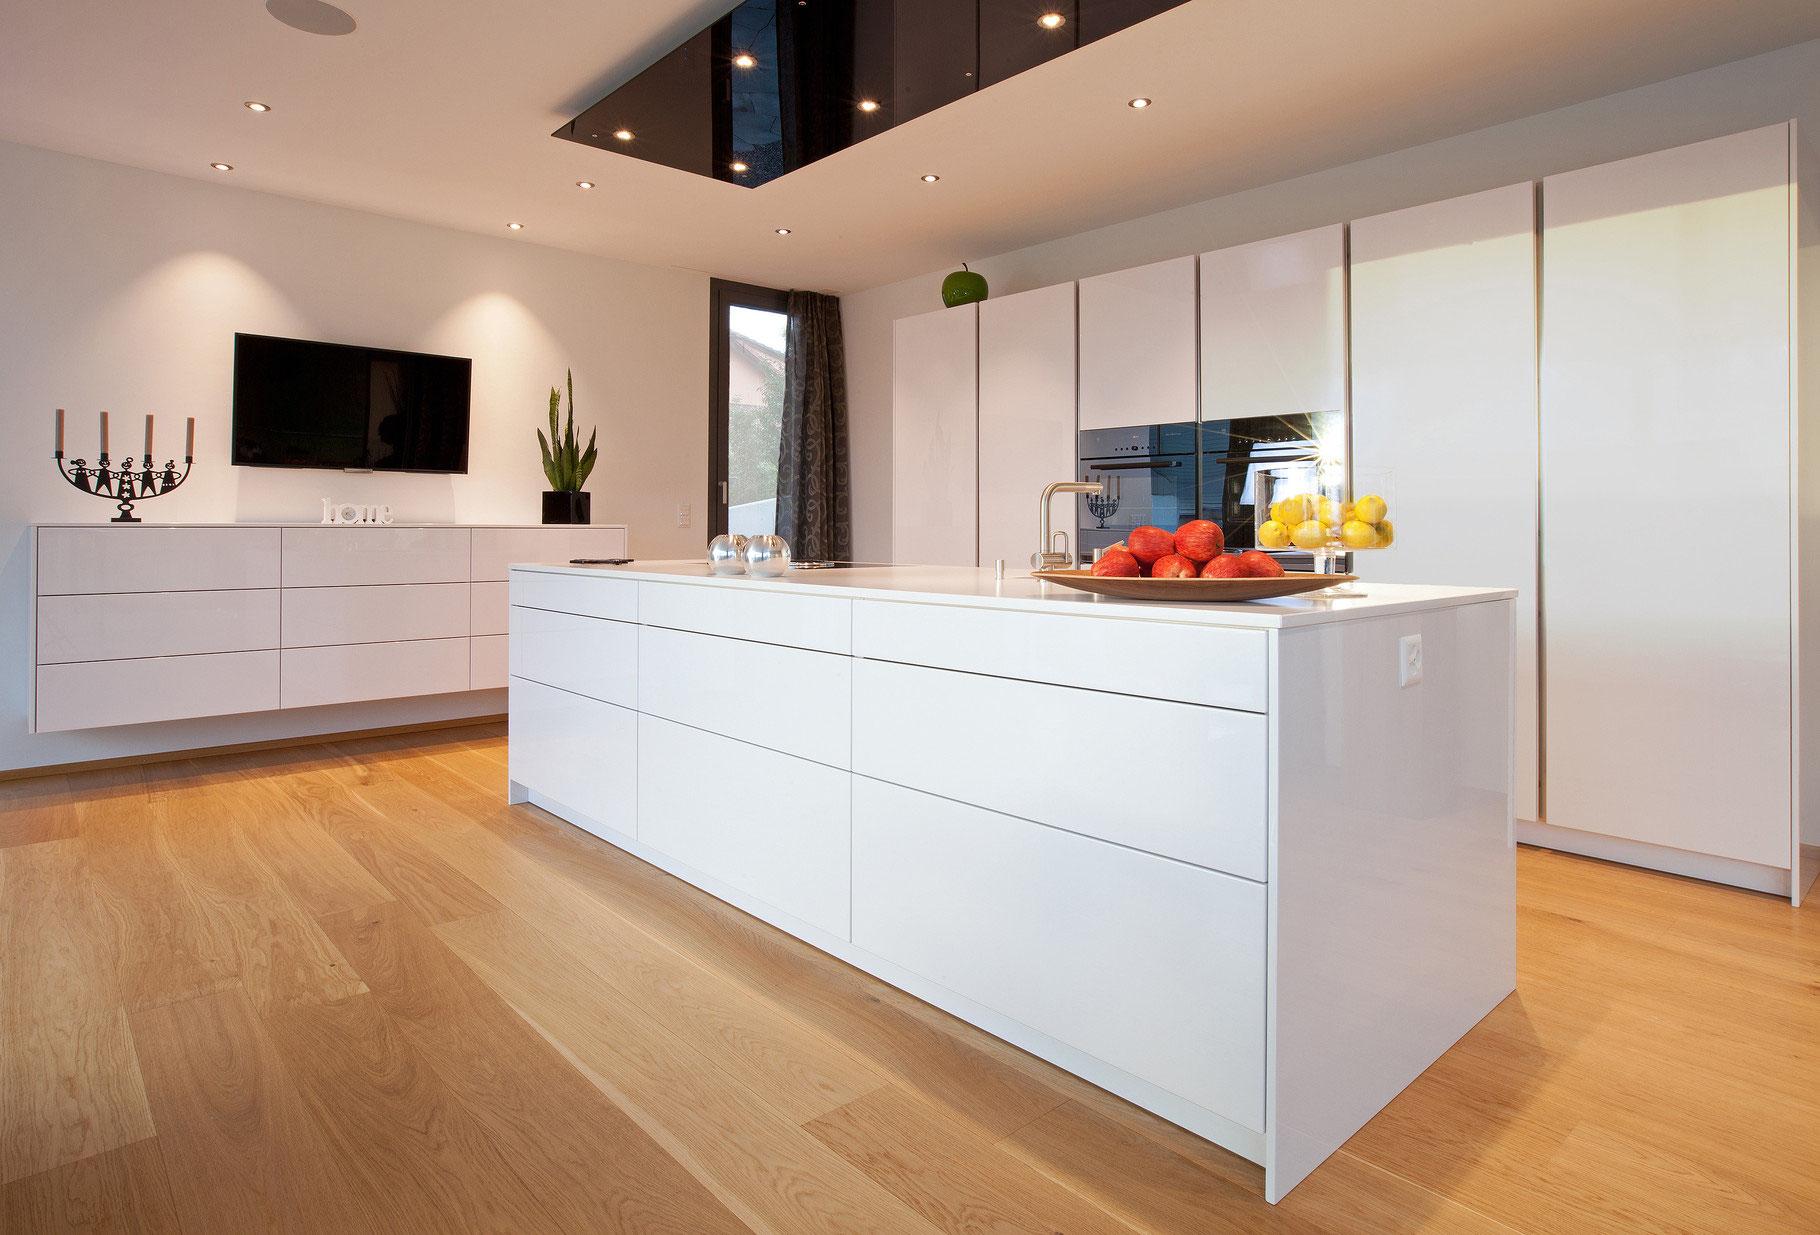 moderne k che k ppeli k chen. Black Bedroom Furniture Sets. Home Design Ideas